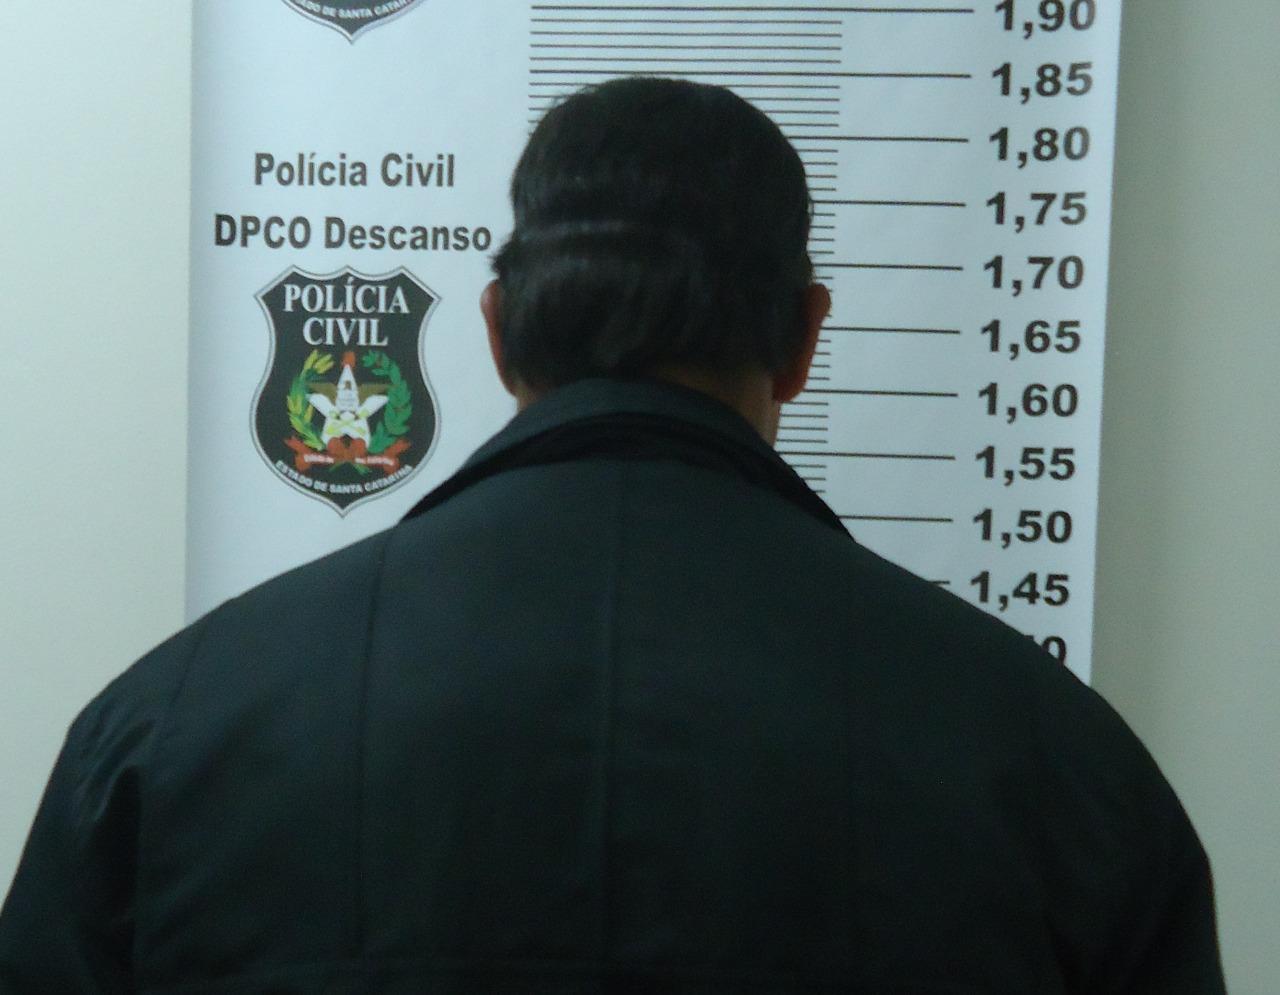 Policia Civil de Descanso cumpre mandado de prisão preventiva do autor de tentativa de homicídio